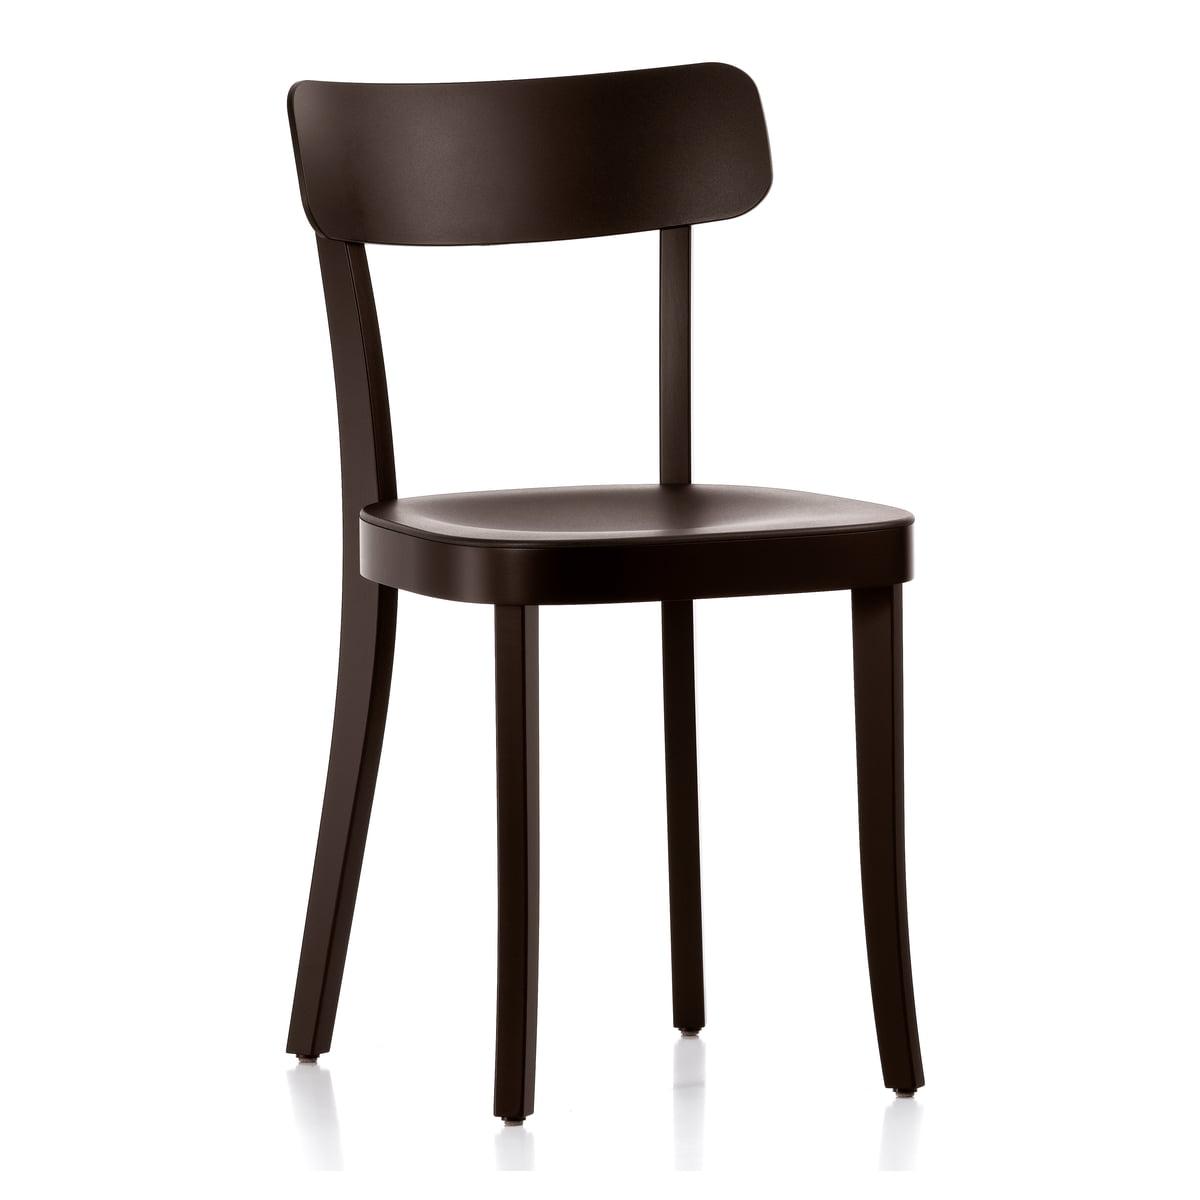 basel chair vitra shop. Black Bedroom Furniture Sets. Home Design Ideas